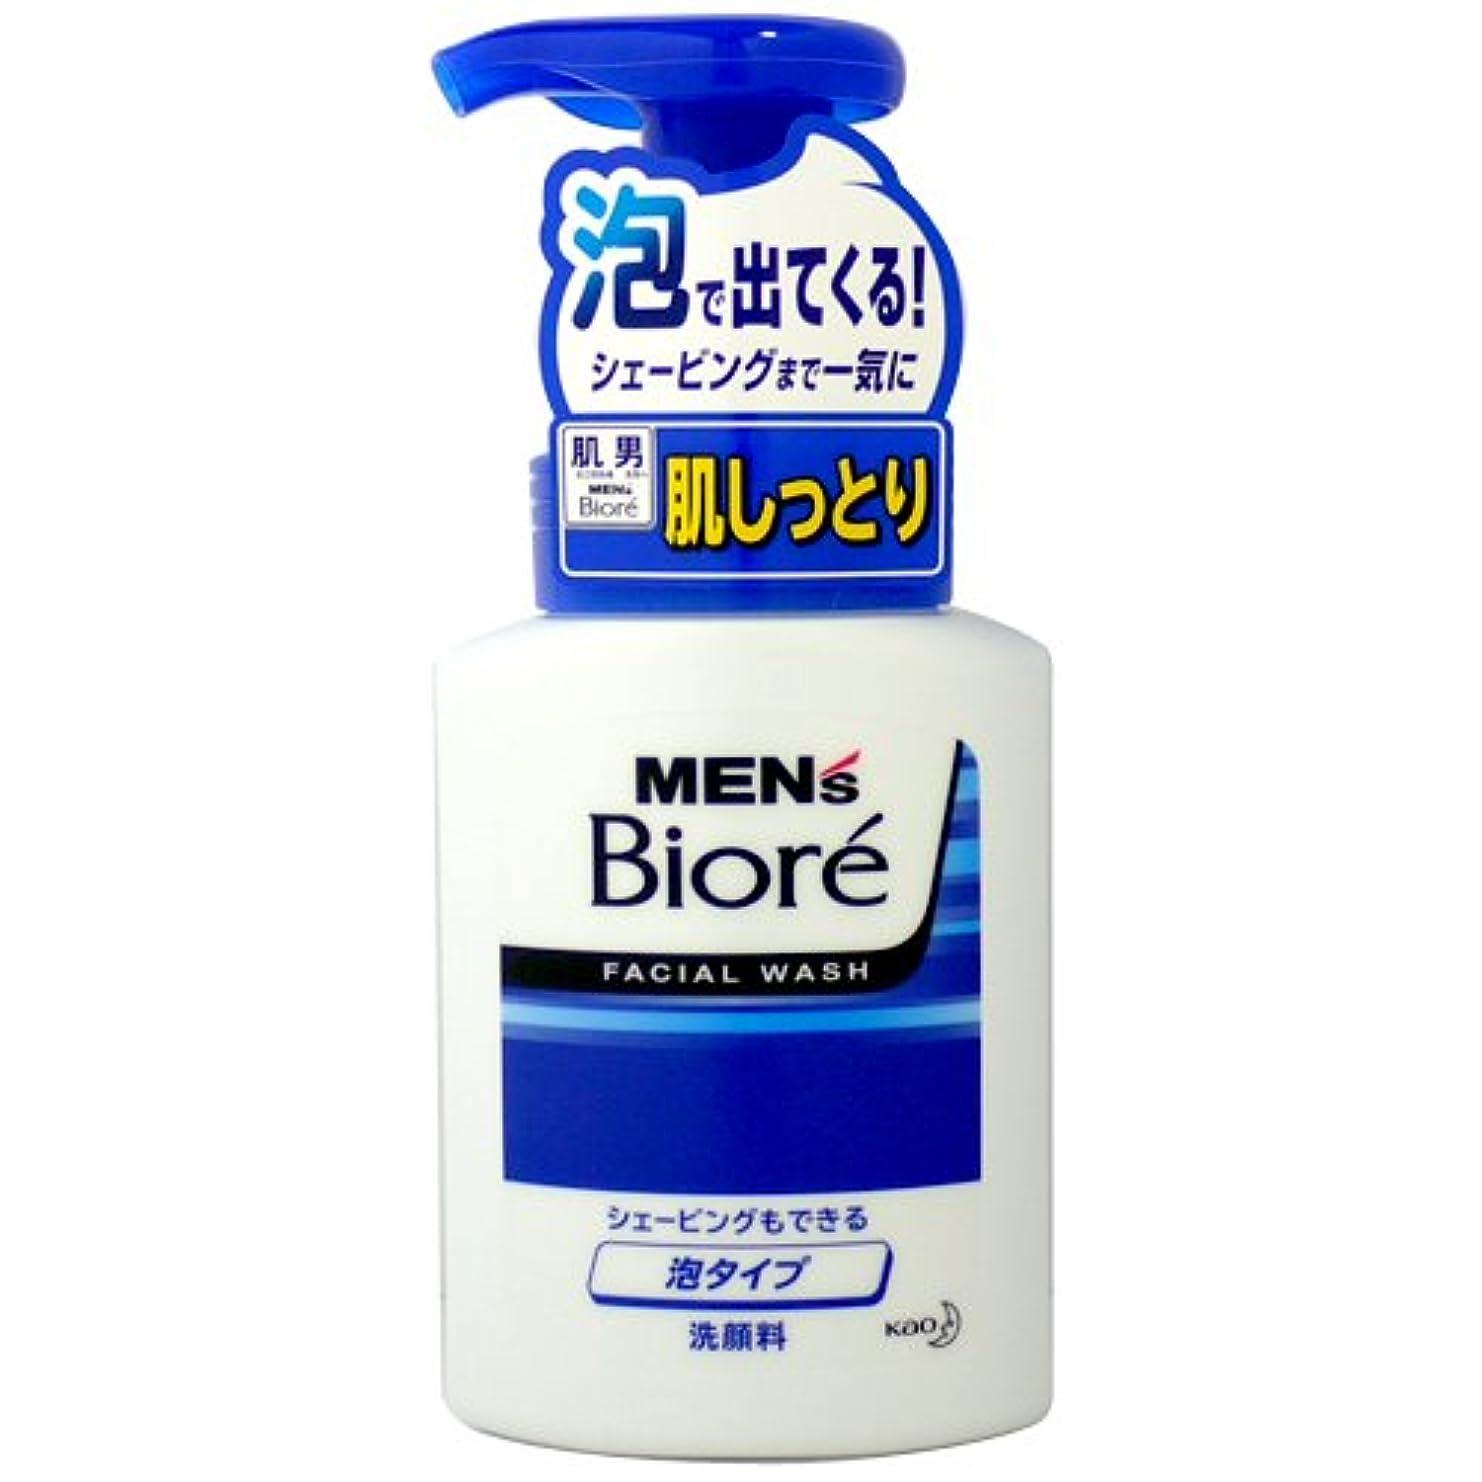 相対サイズ画面注入する【花王】メンズビオレ 泡タイプ洗顔 150ml